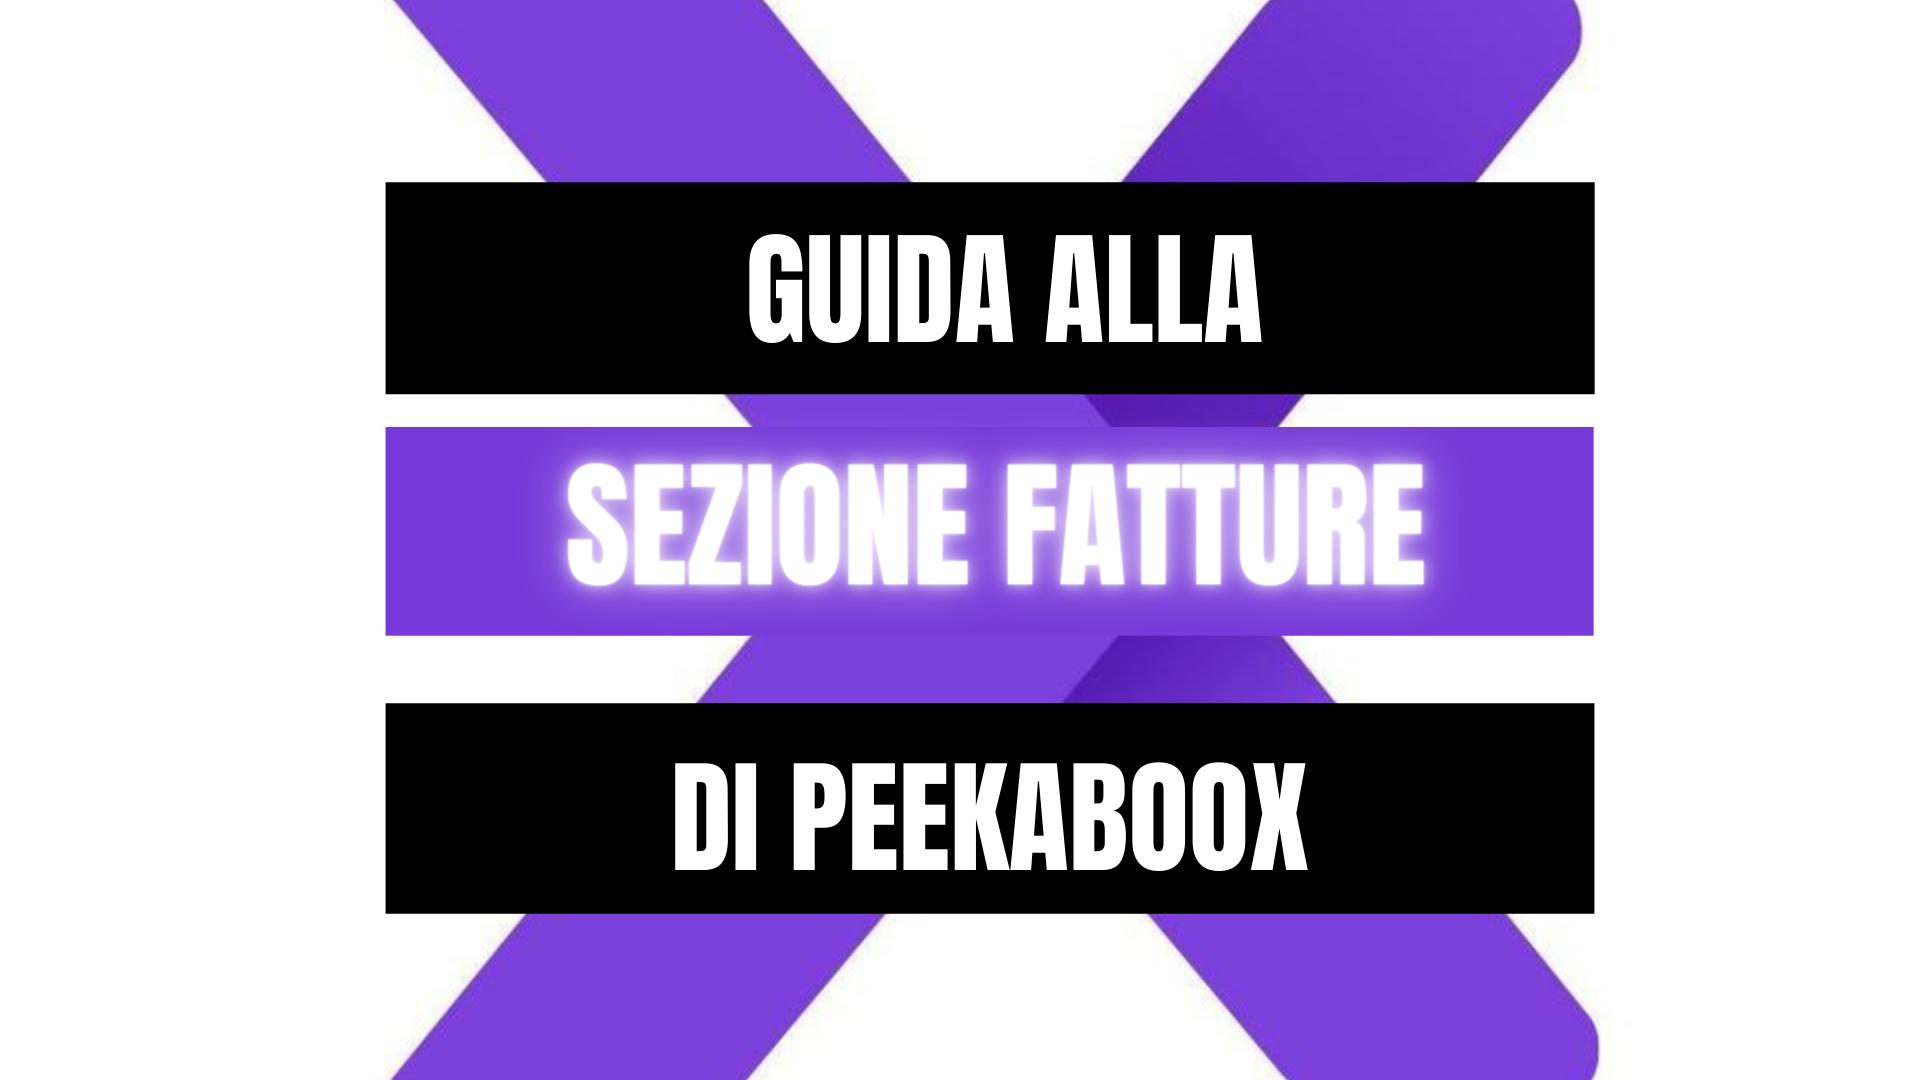 Peekaboox - La sezione Fatture di Peekaboox